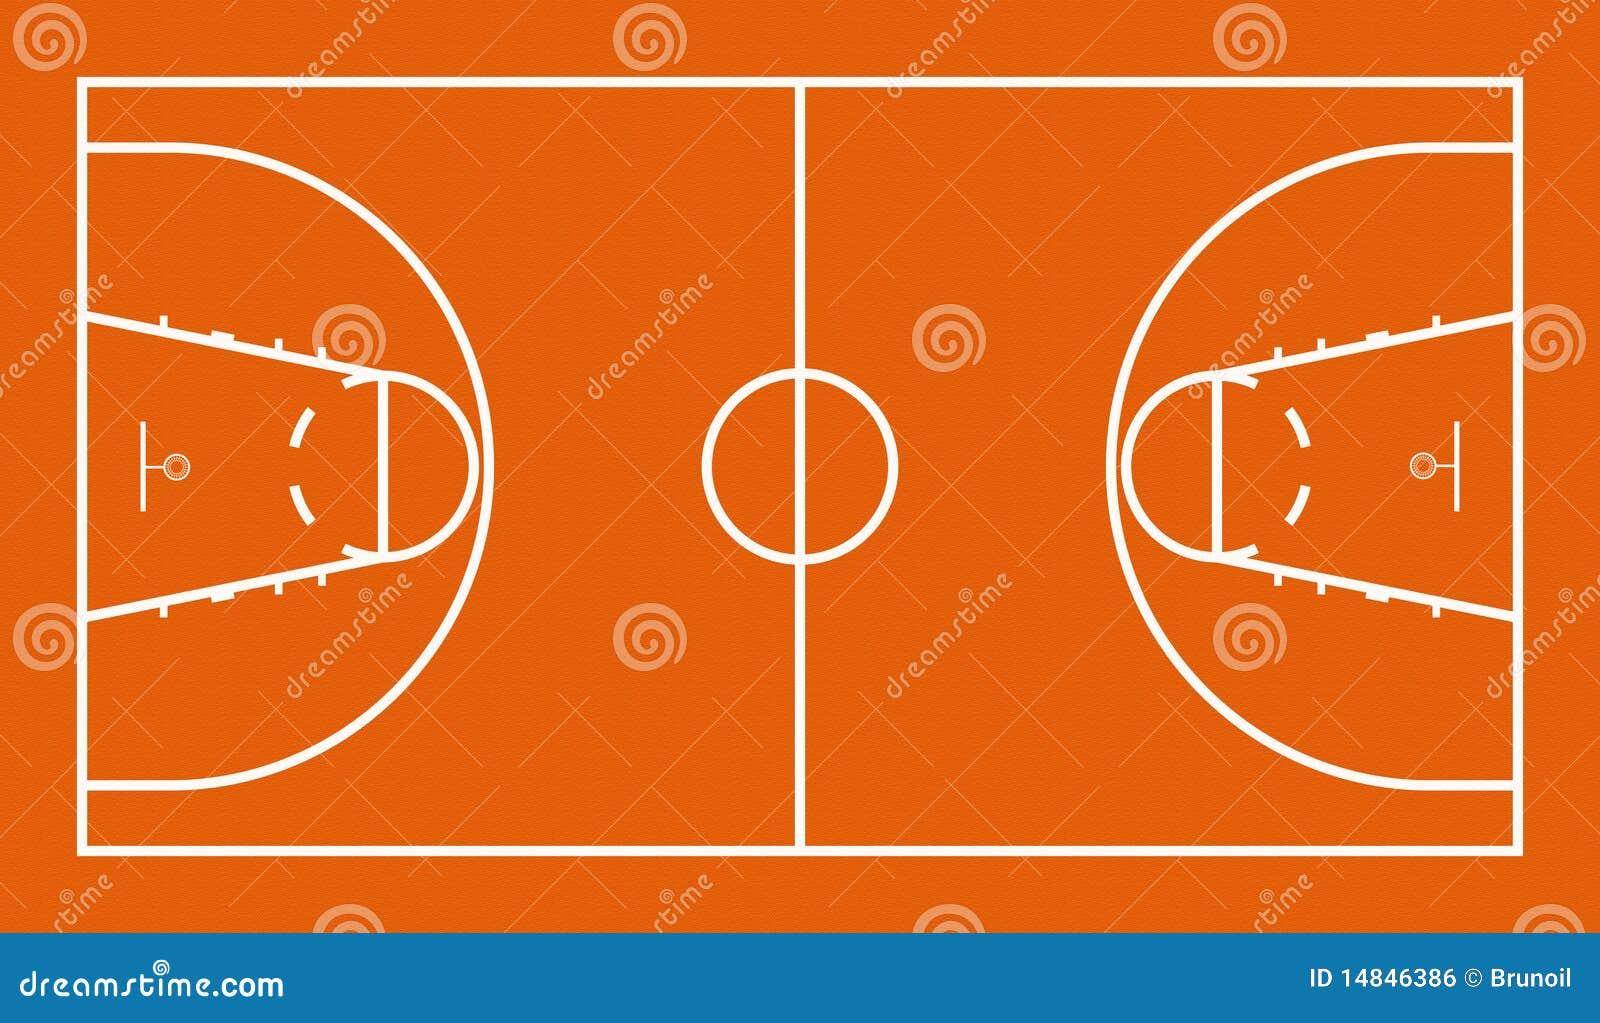 Campo da pallacanestro immagine stock libera da diritti - Immagini stampabili di pallacanestro ...